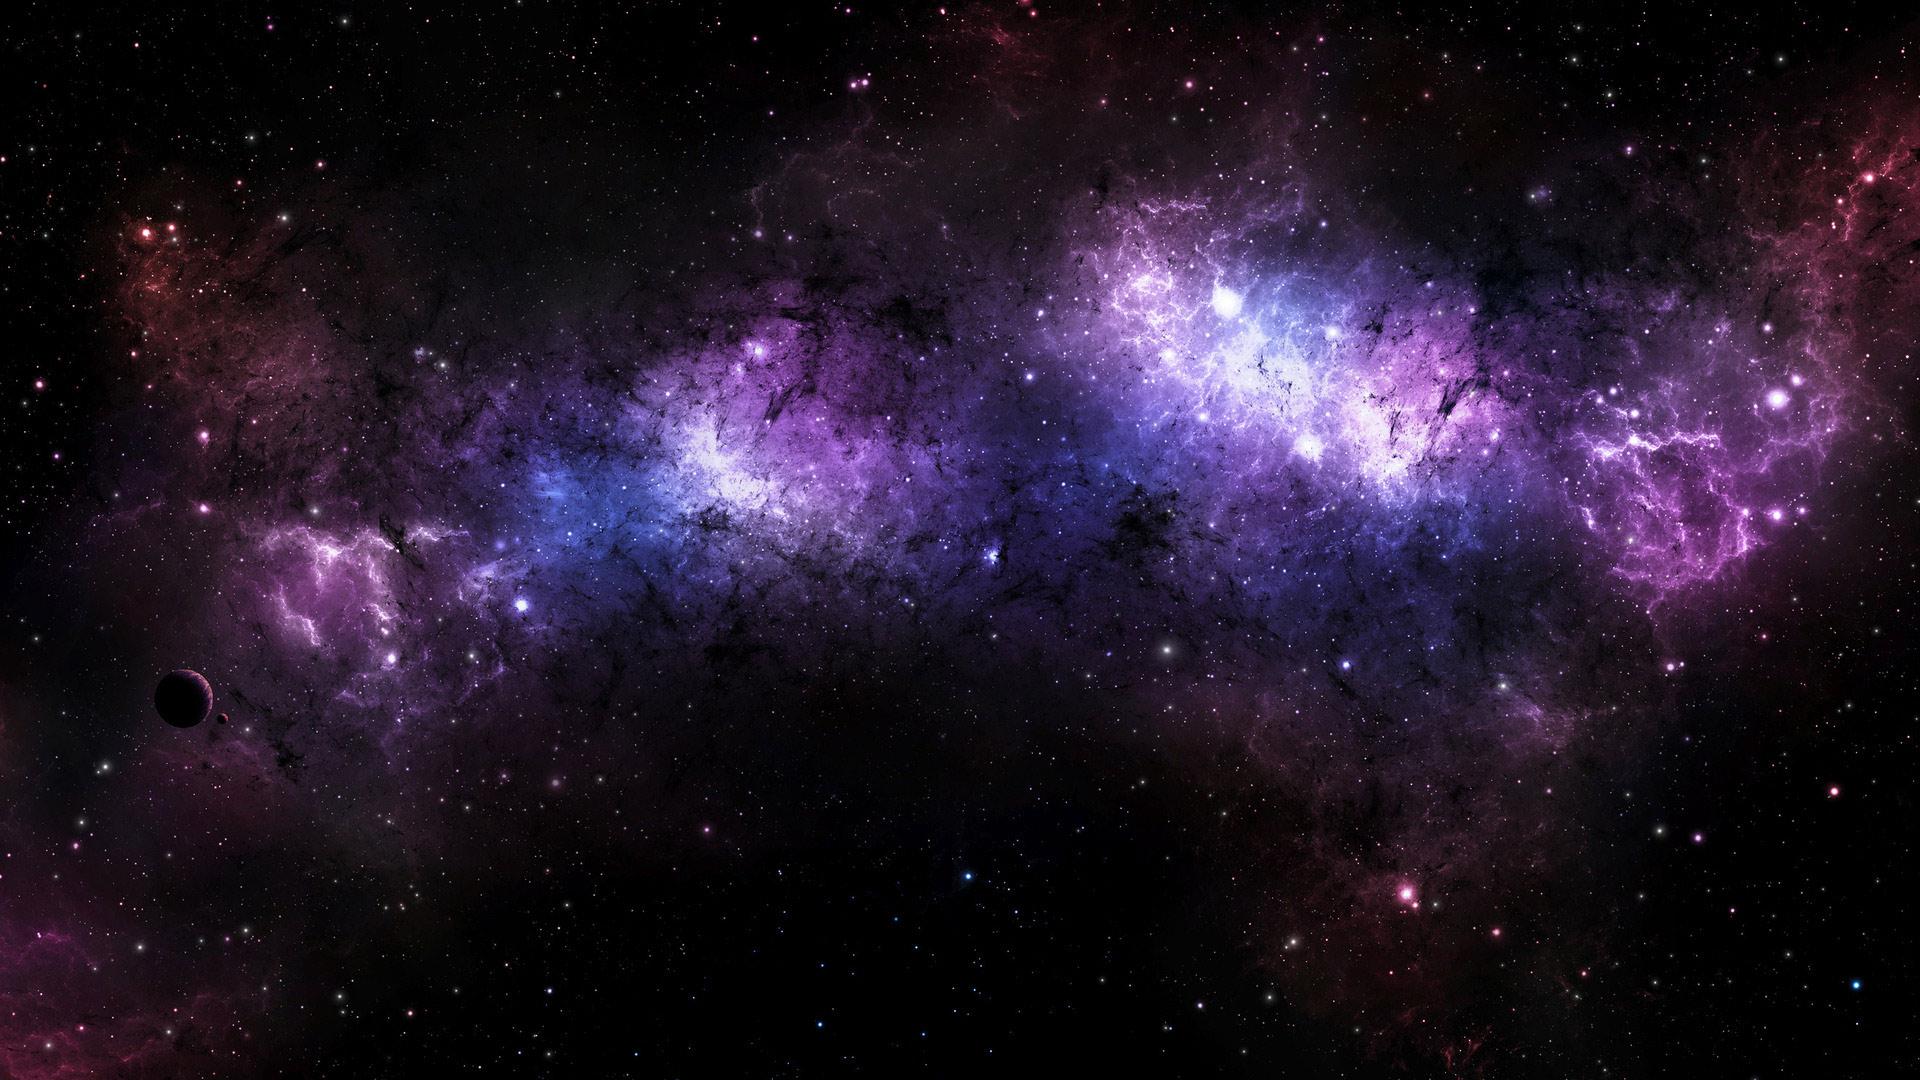 Красивые обои планет, космоса, галактик на рабочий стол - подборка 3